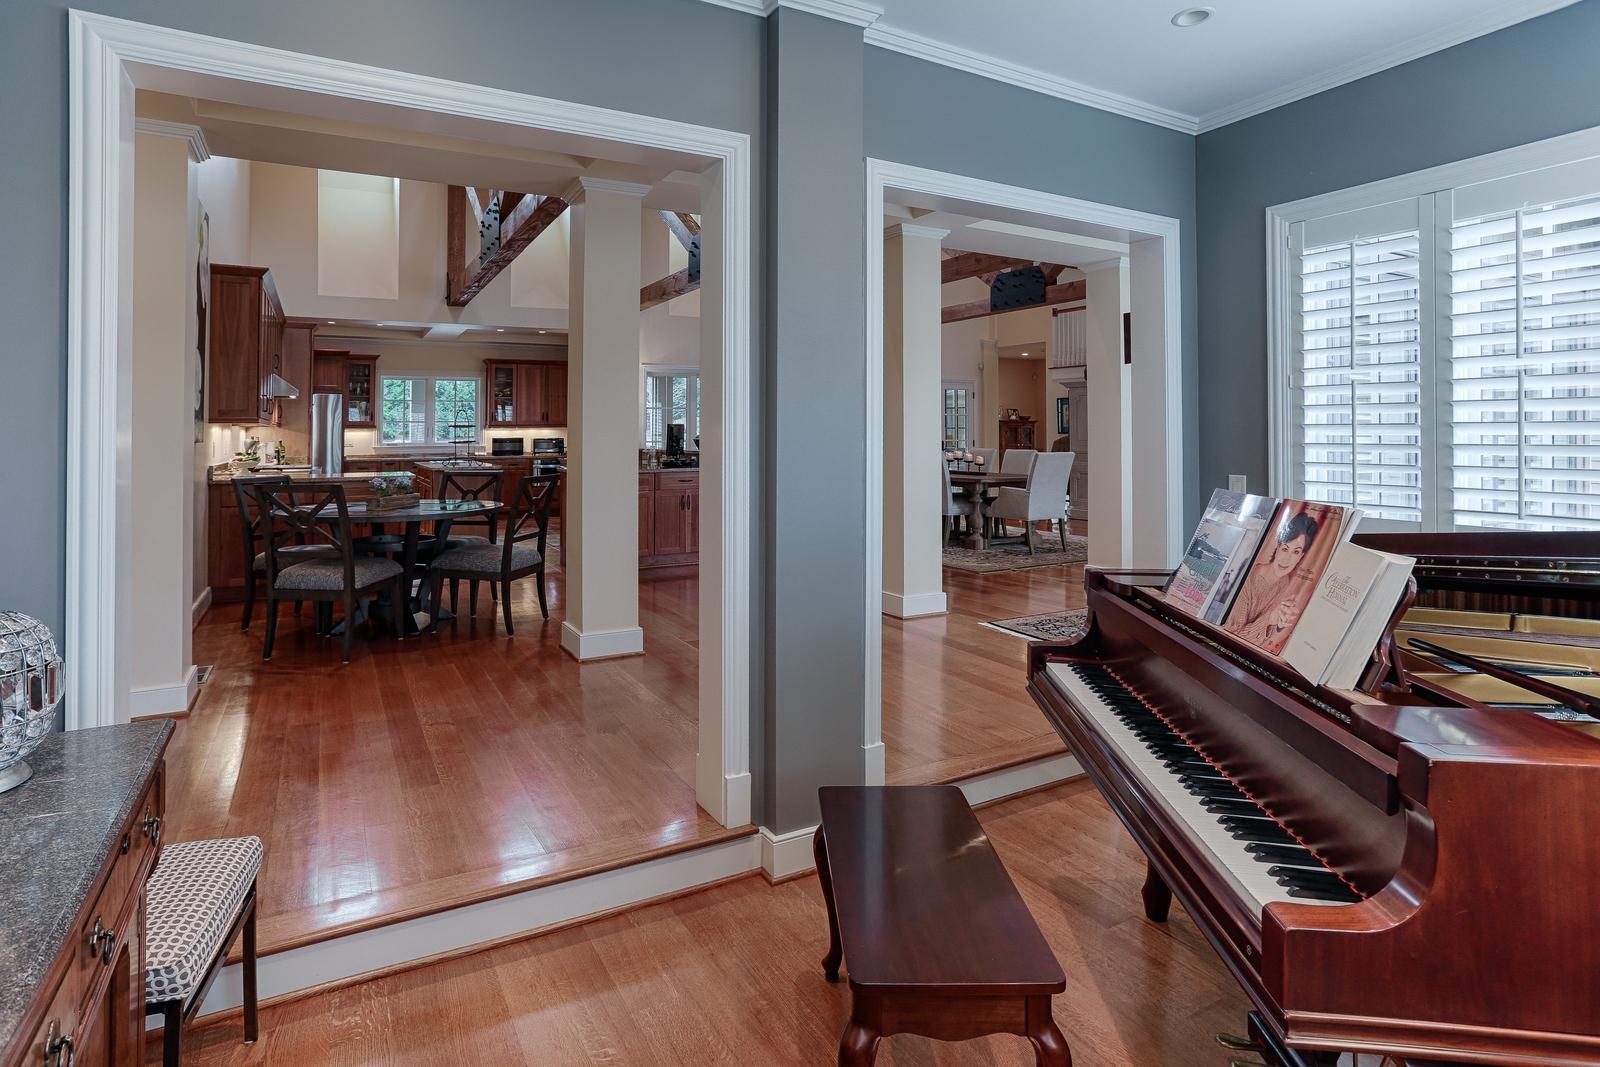 1215 Cherokee Blvd - piano room into kit